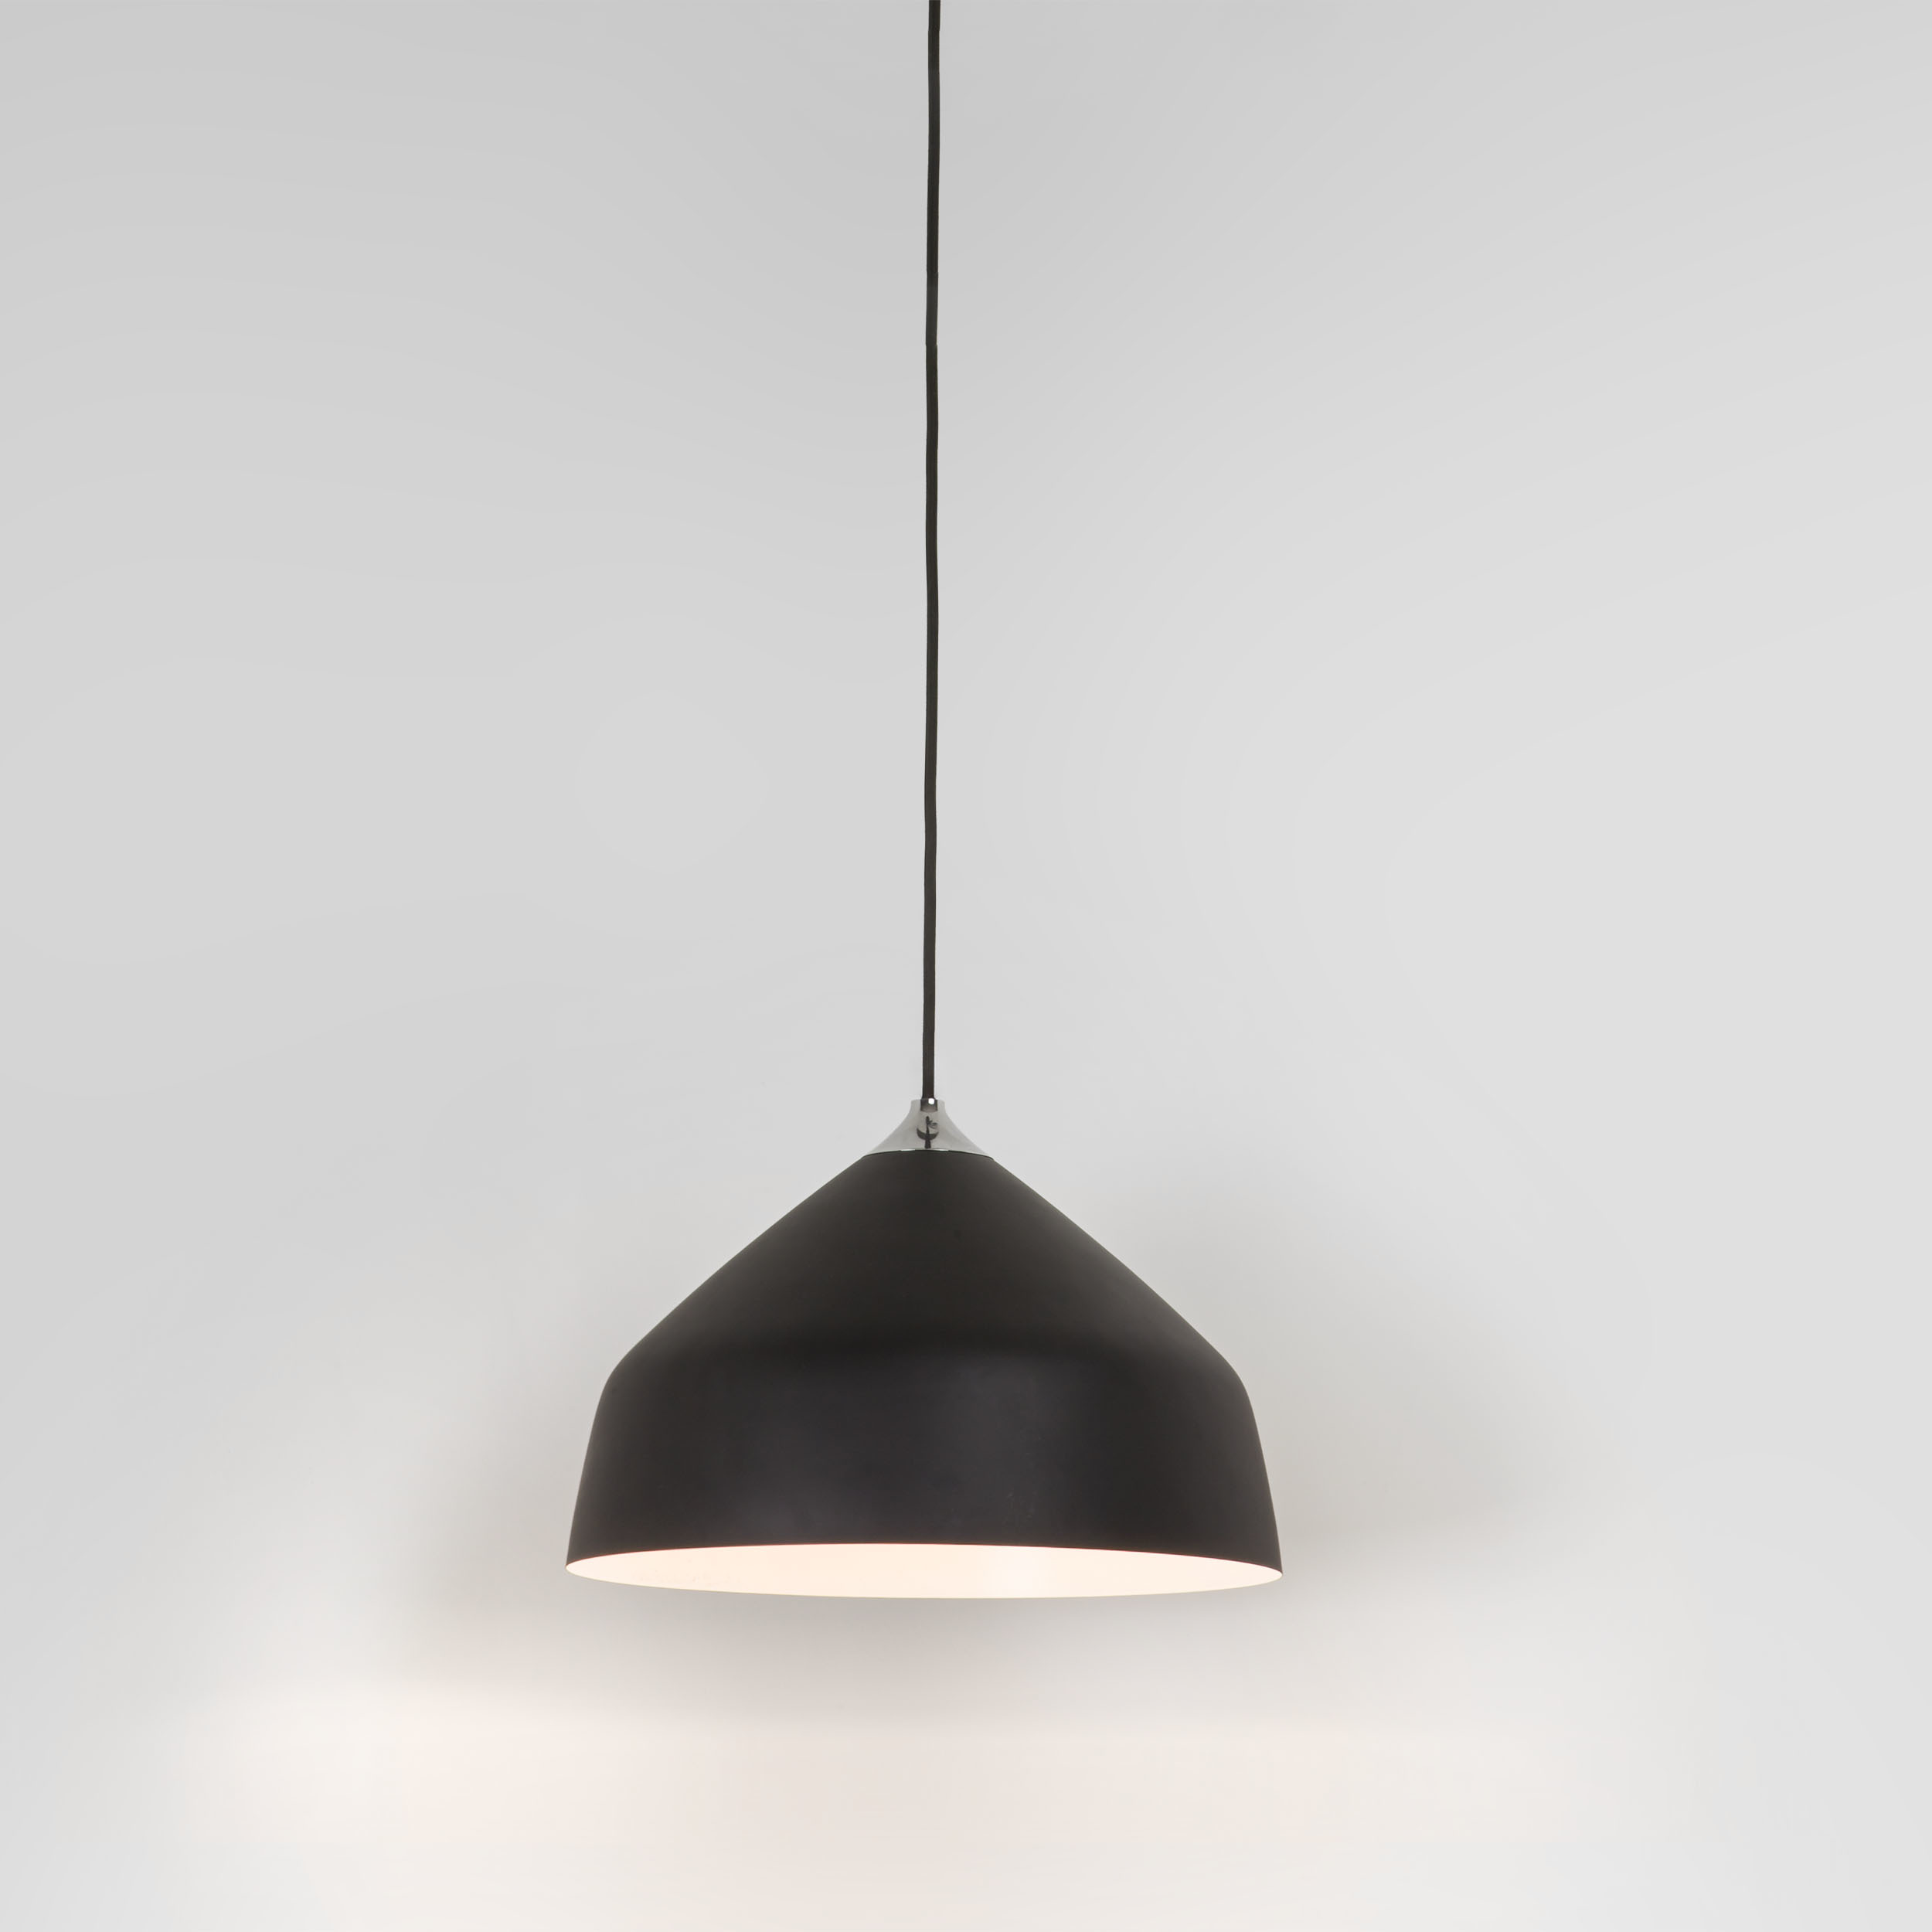 Подвесной светильник Astro Ginestra 1361001 (7455), 1xE27x42W, черный, металл - фото 1